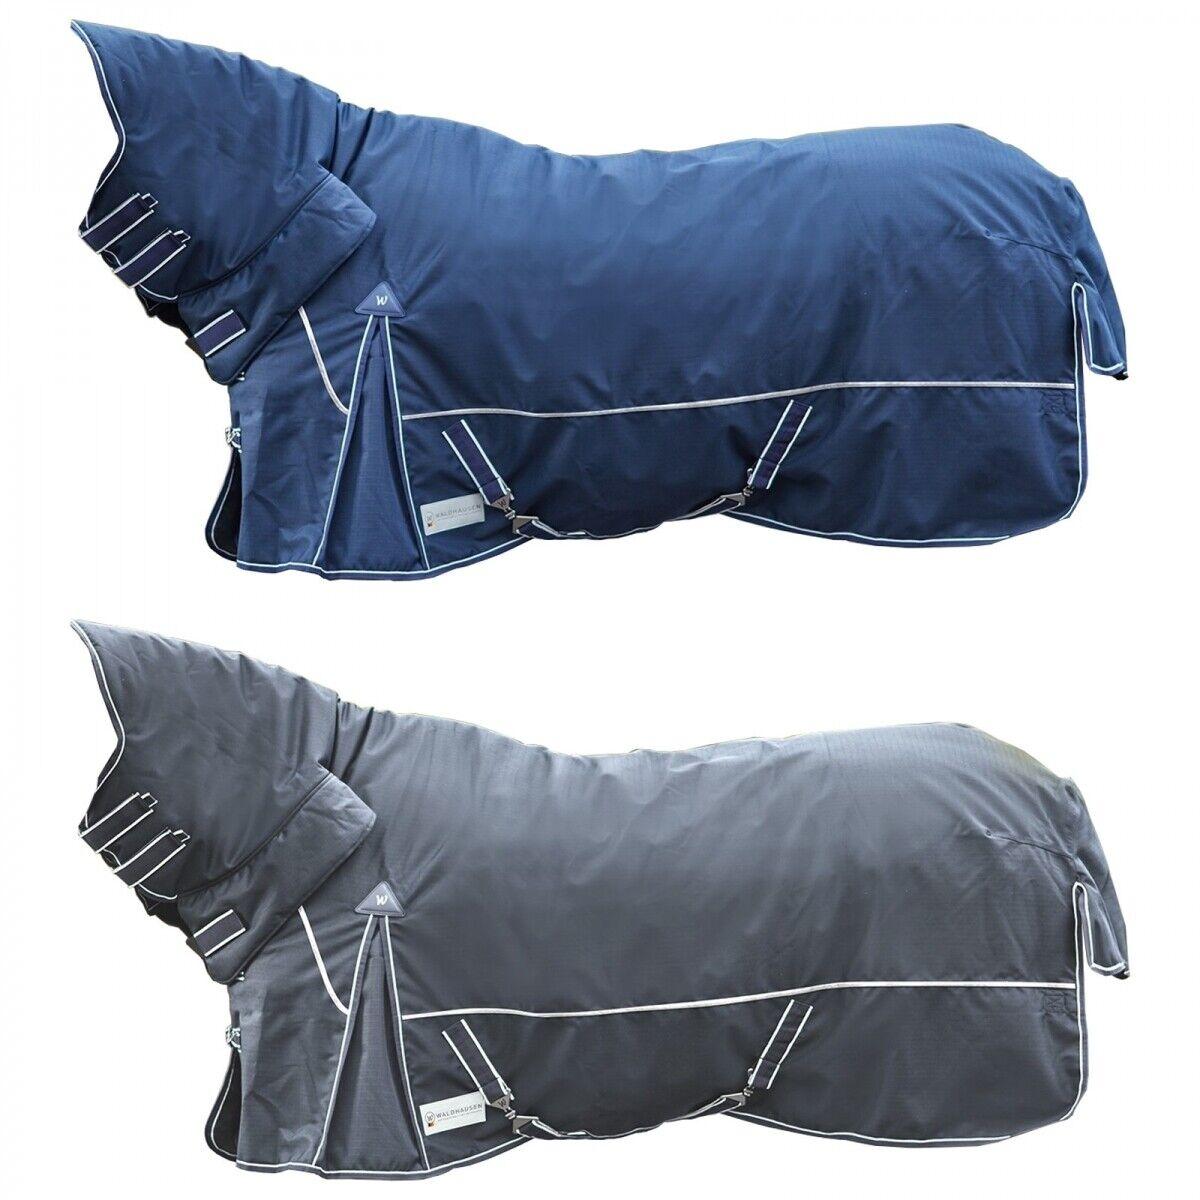 Invierno manta cuello parte 200g relleno Comfort Waldhausen Horse fashion-nuevo